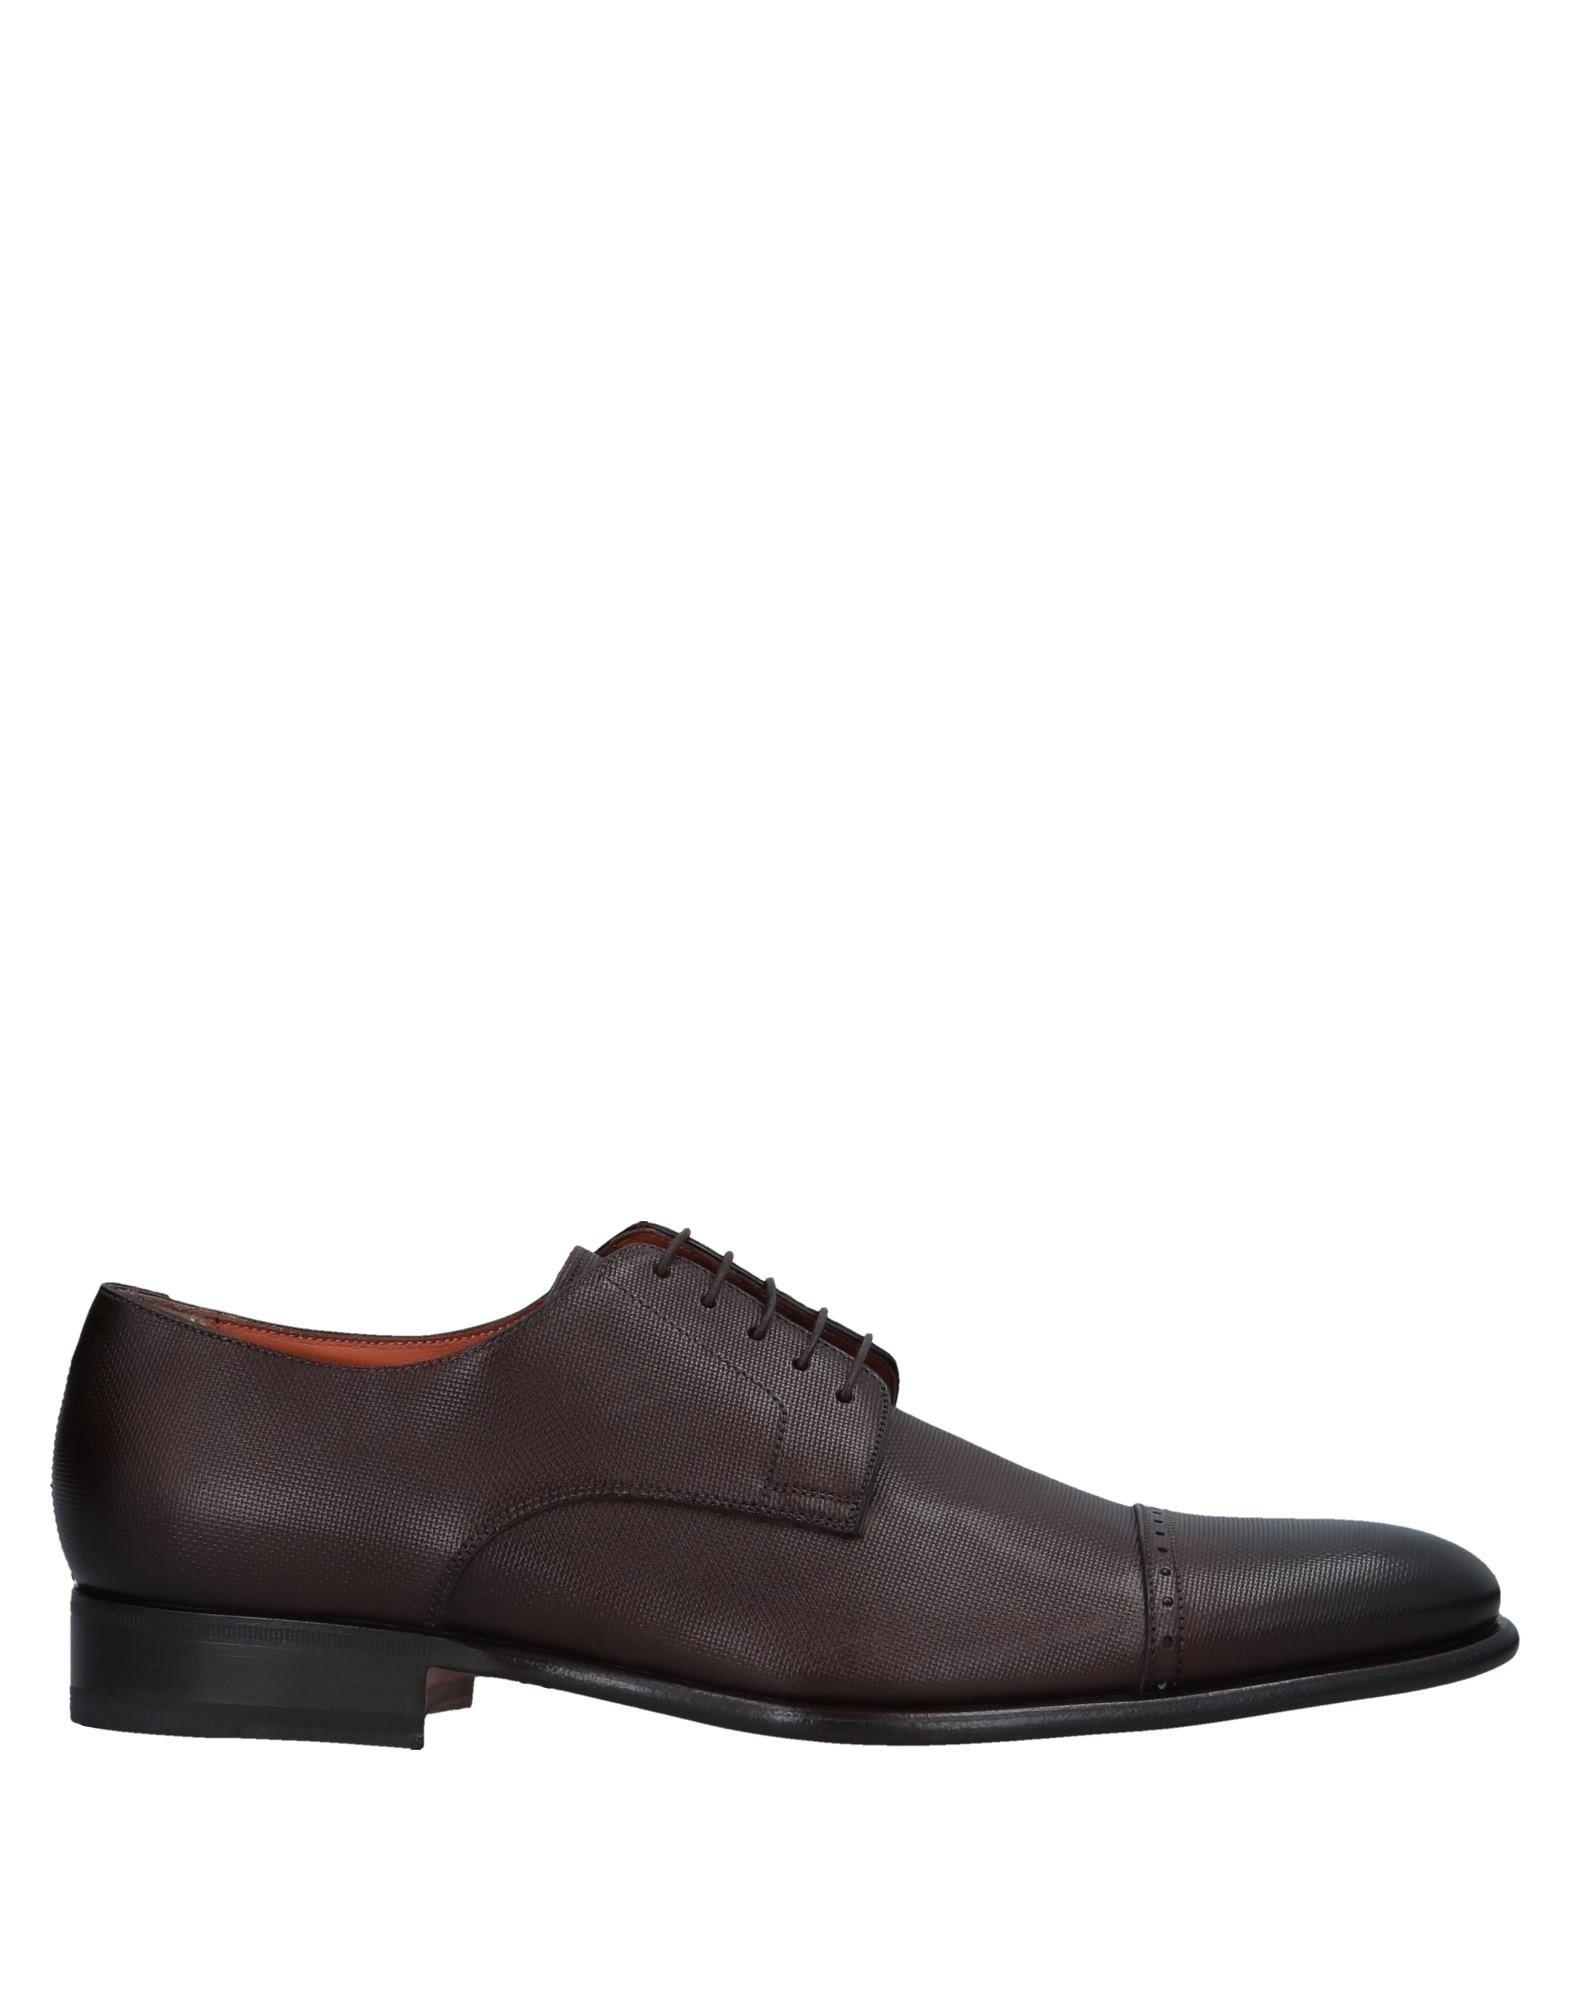 Santoni Schnürschuhe Herren  11541323BA Gute Qualität beliebte Schuhe